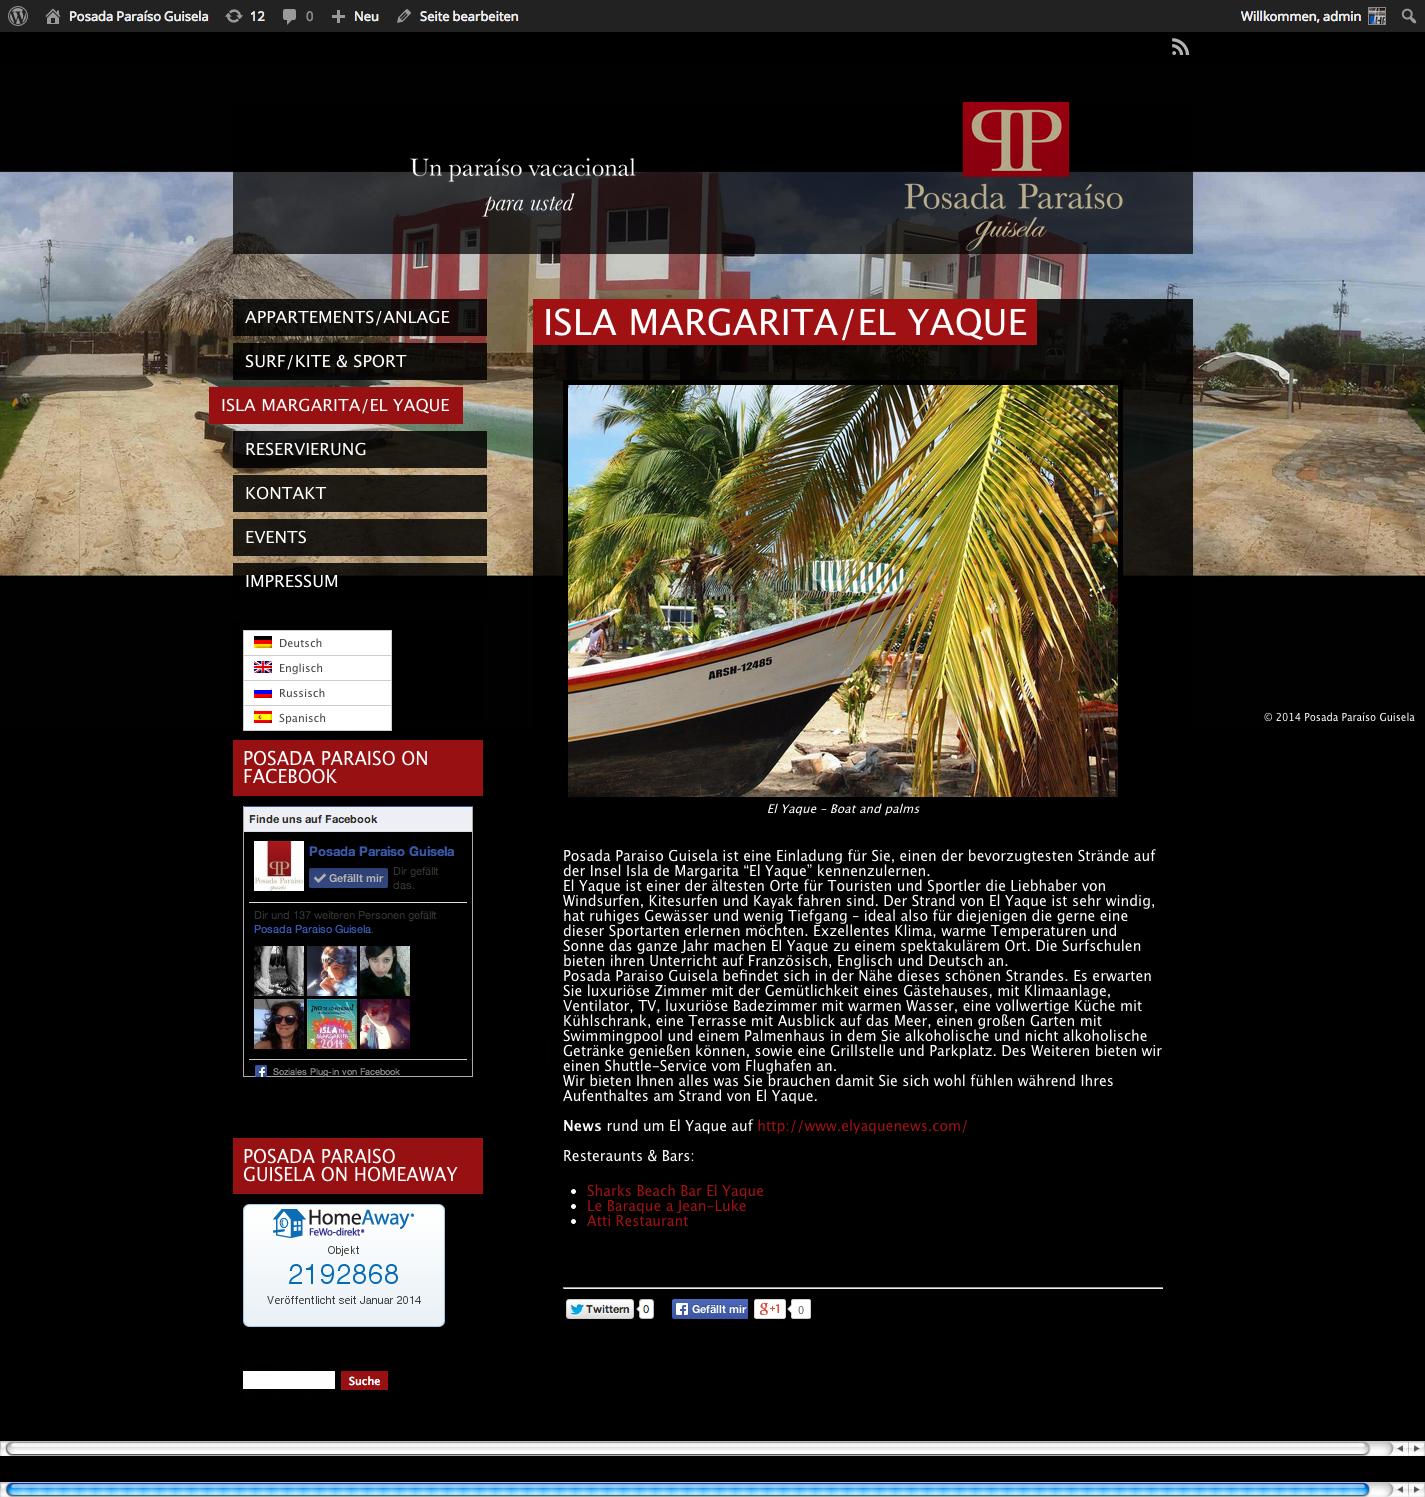 Webseite Posada Paraiso Guisela El Yaque